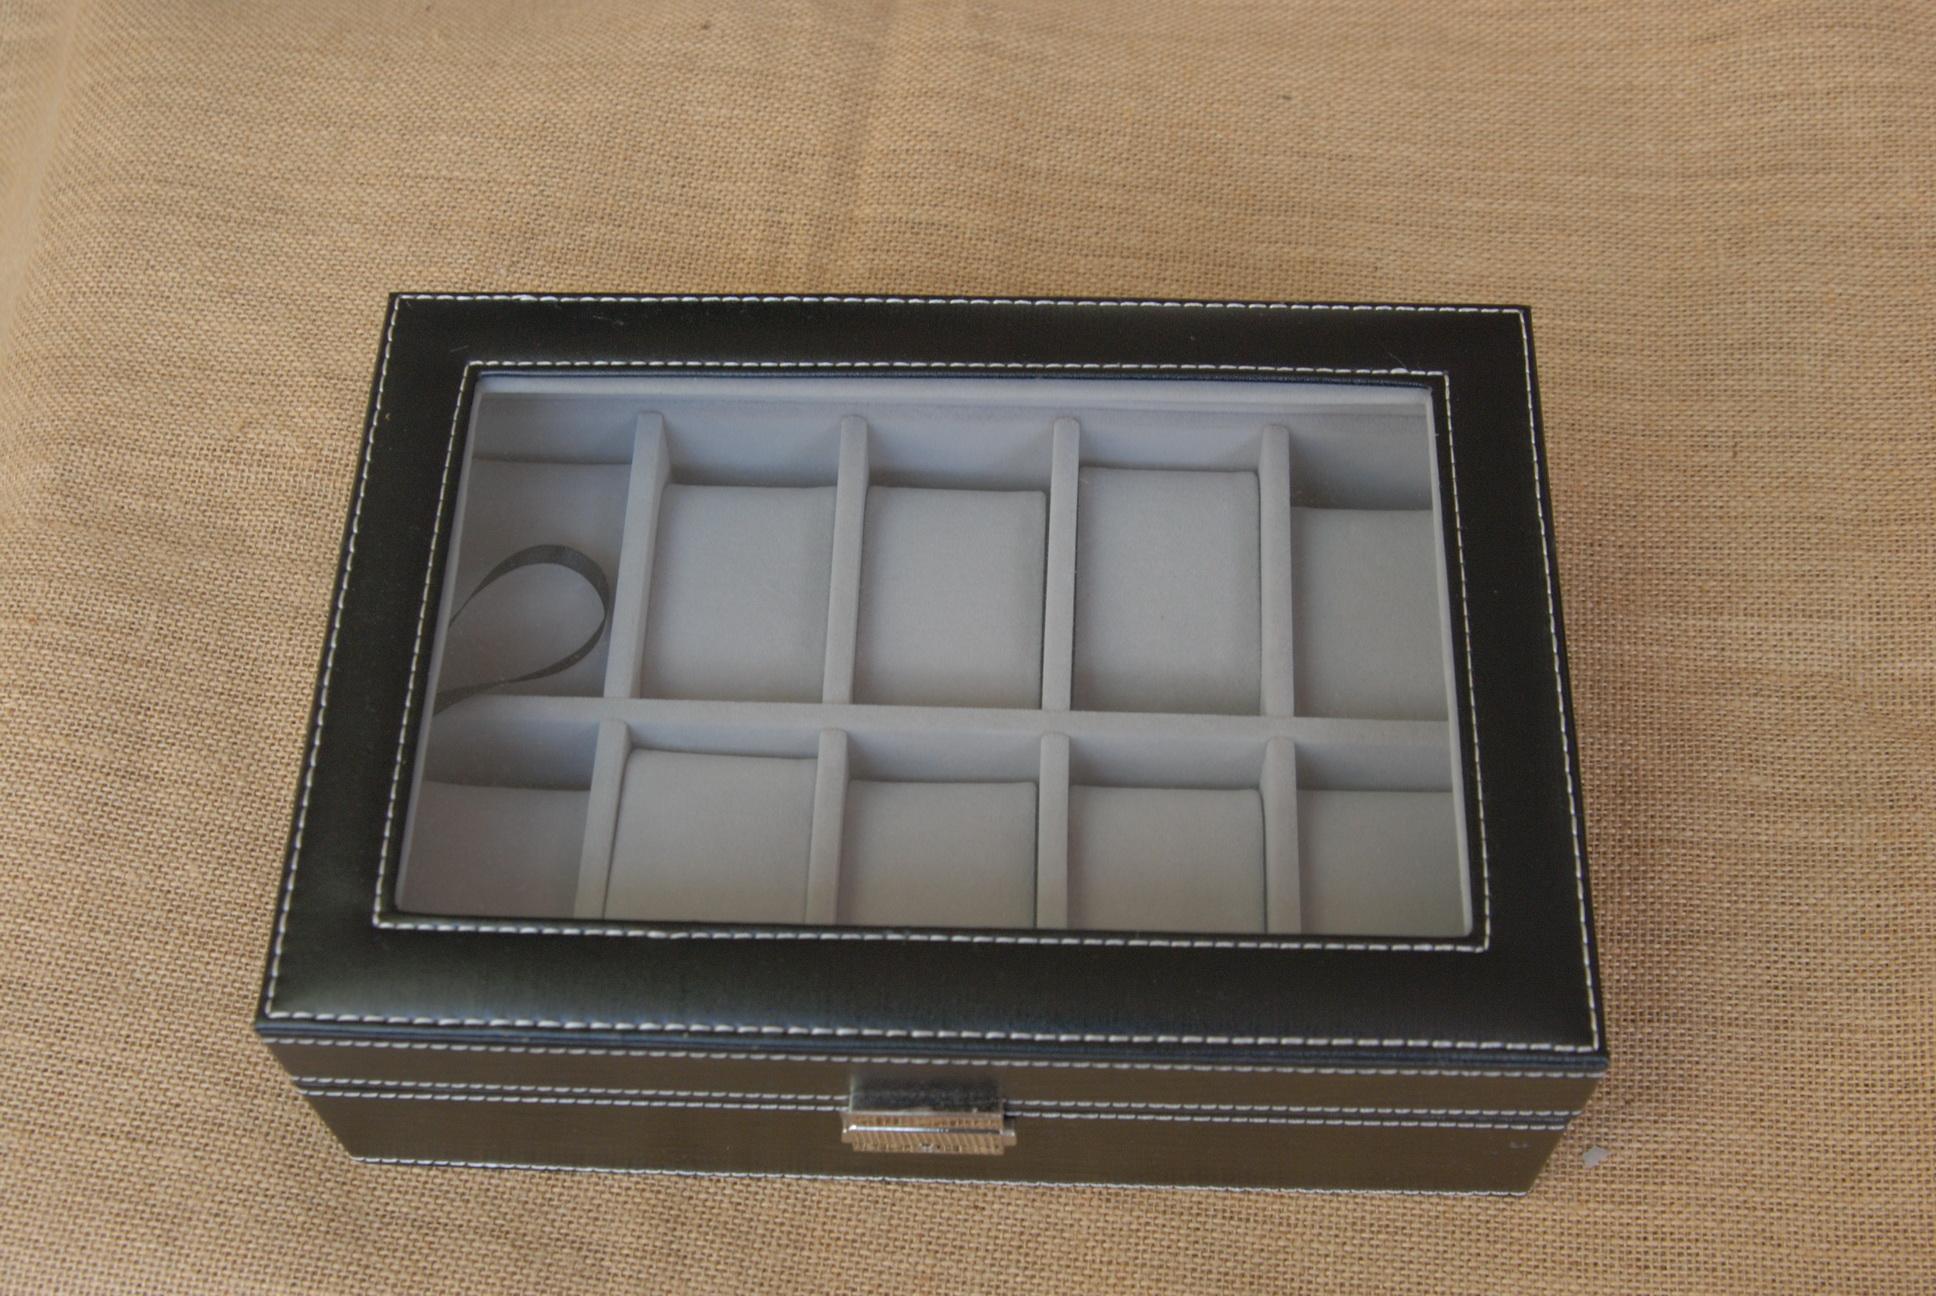 กล่องหนังเก็บนาฬิกา 10 เรือน บุกำมะยี่